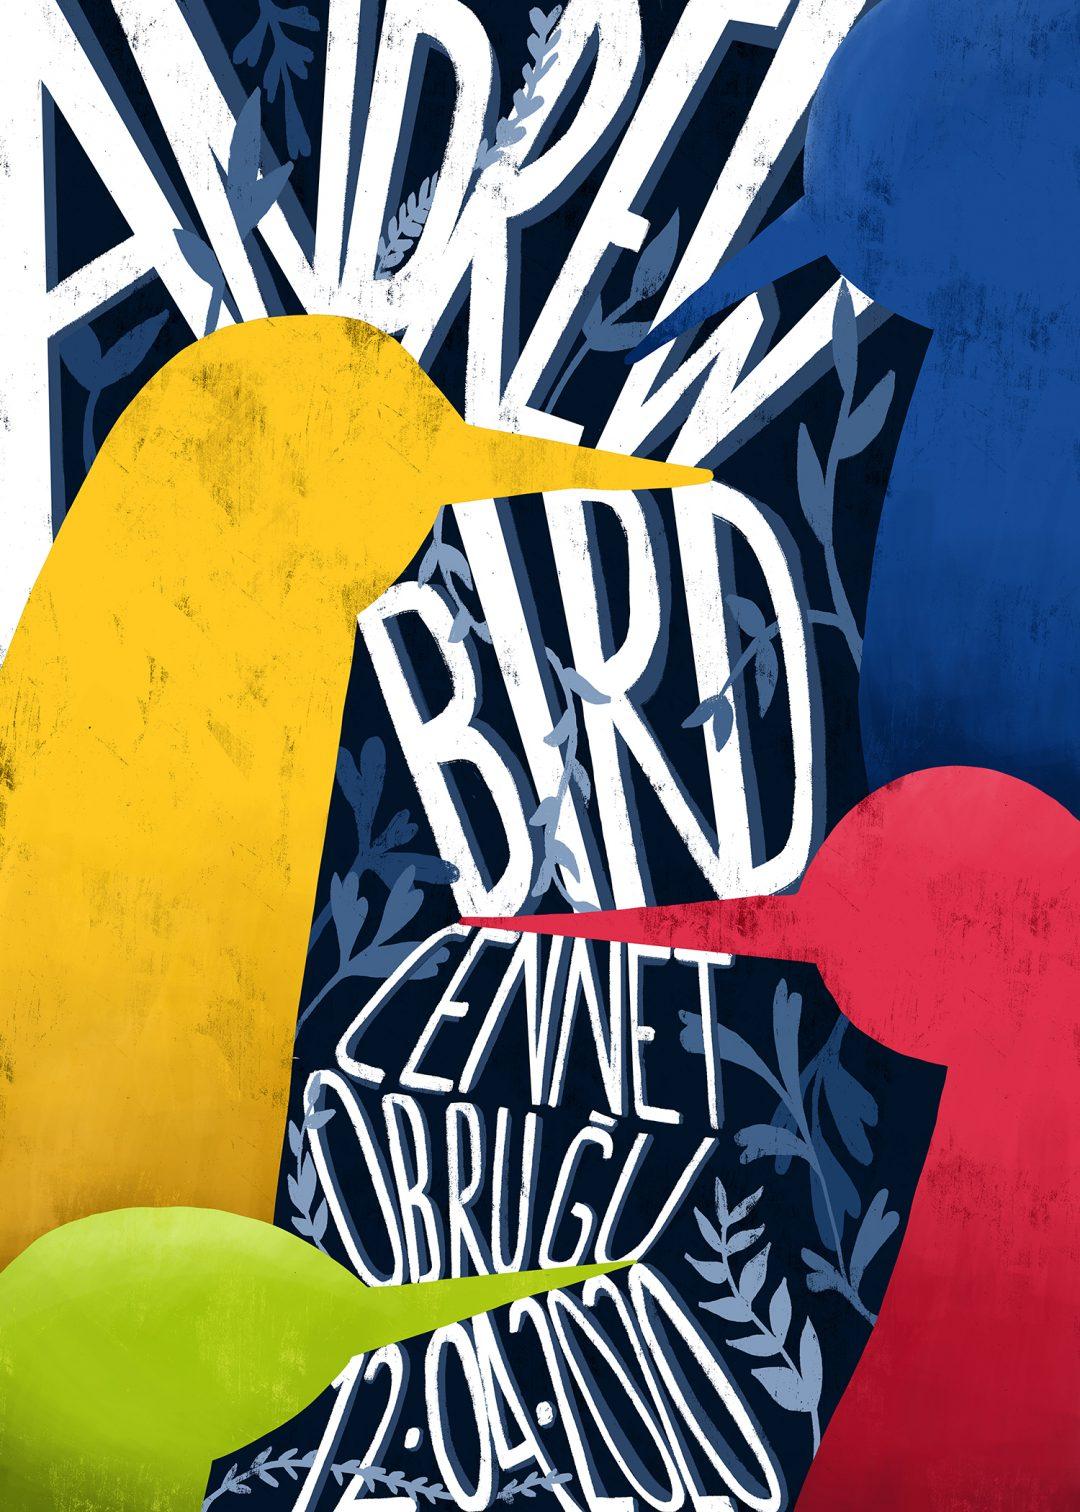 Doğa Can Ertürk - Andrew Bird @ Cennet Obruğu